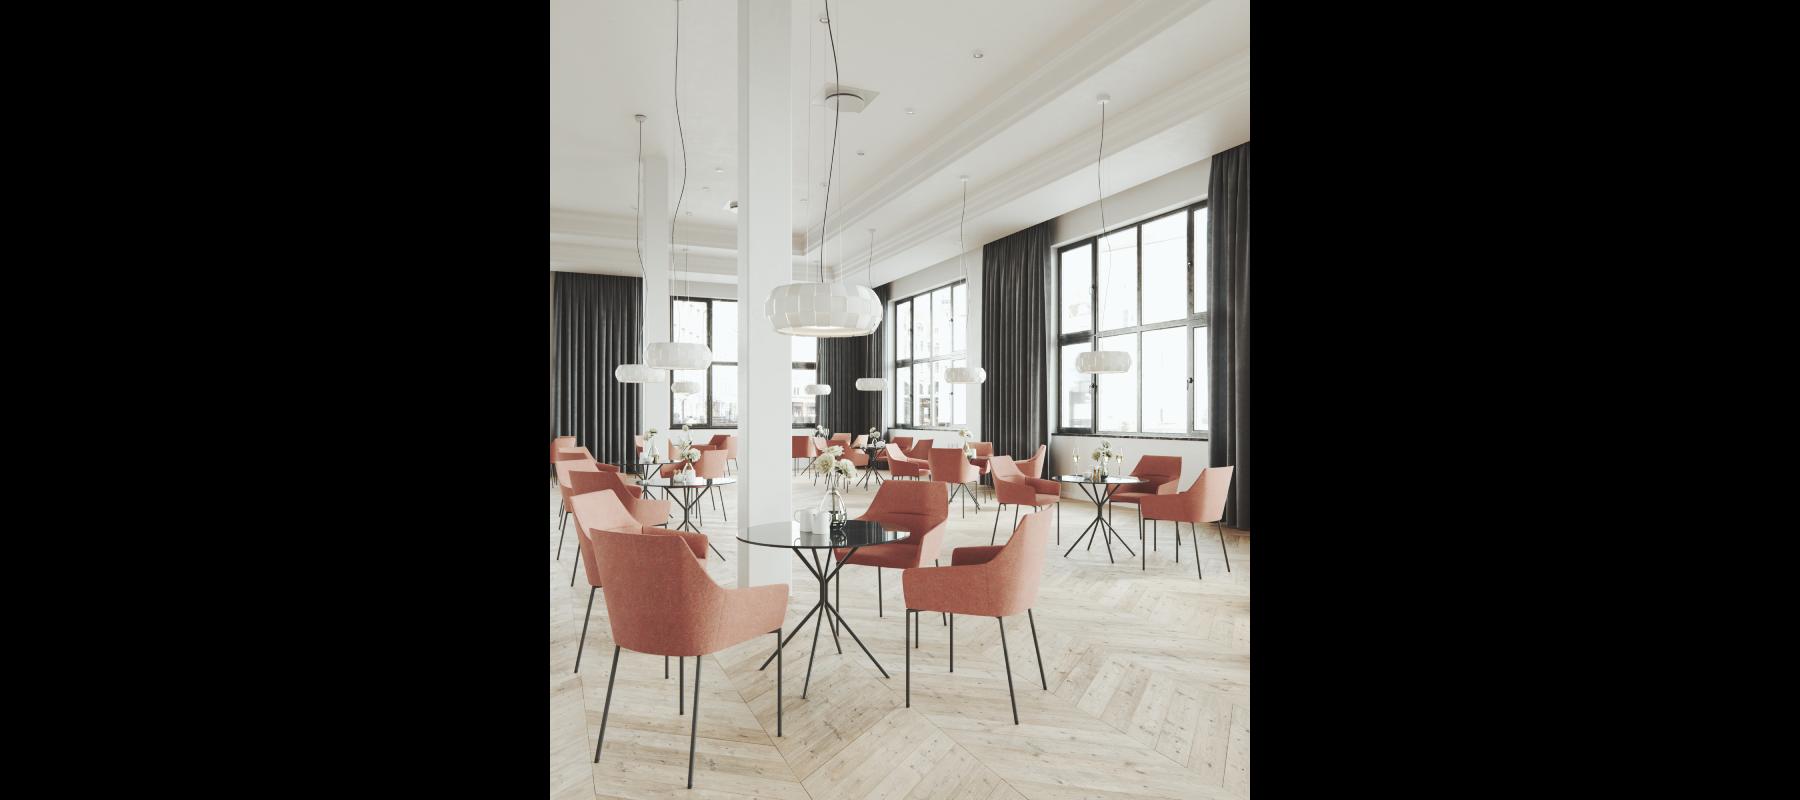 krzesła stacjonarne chic realizacje - 02